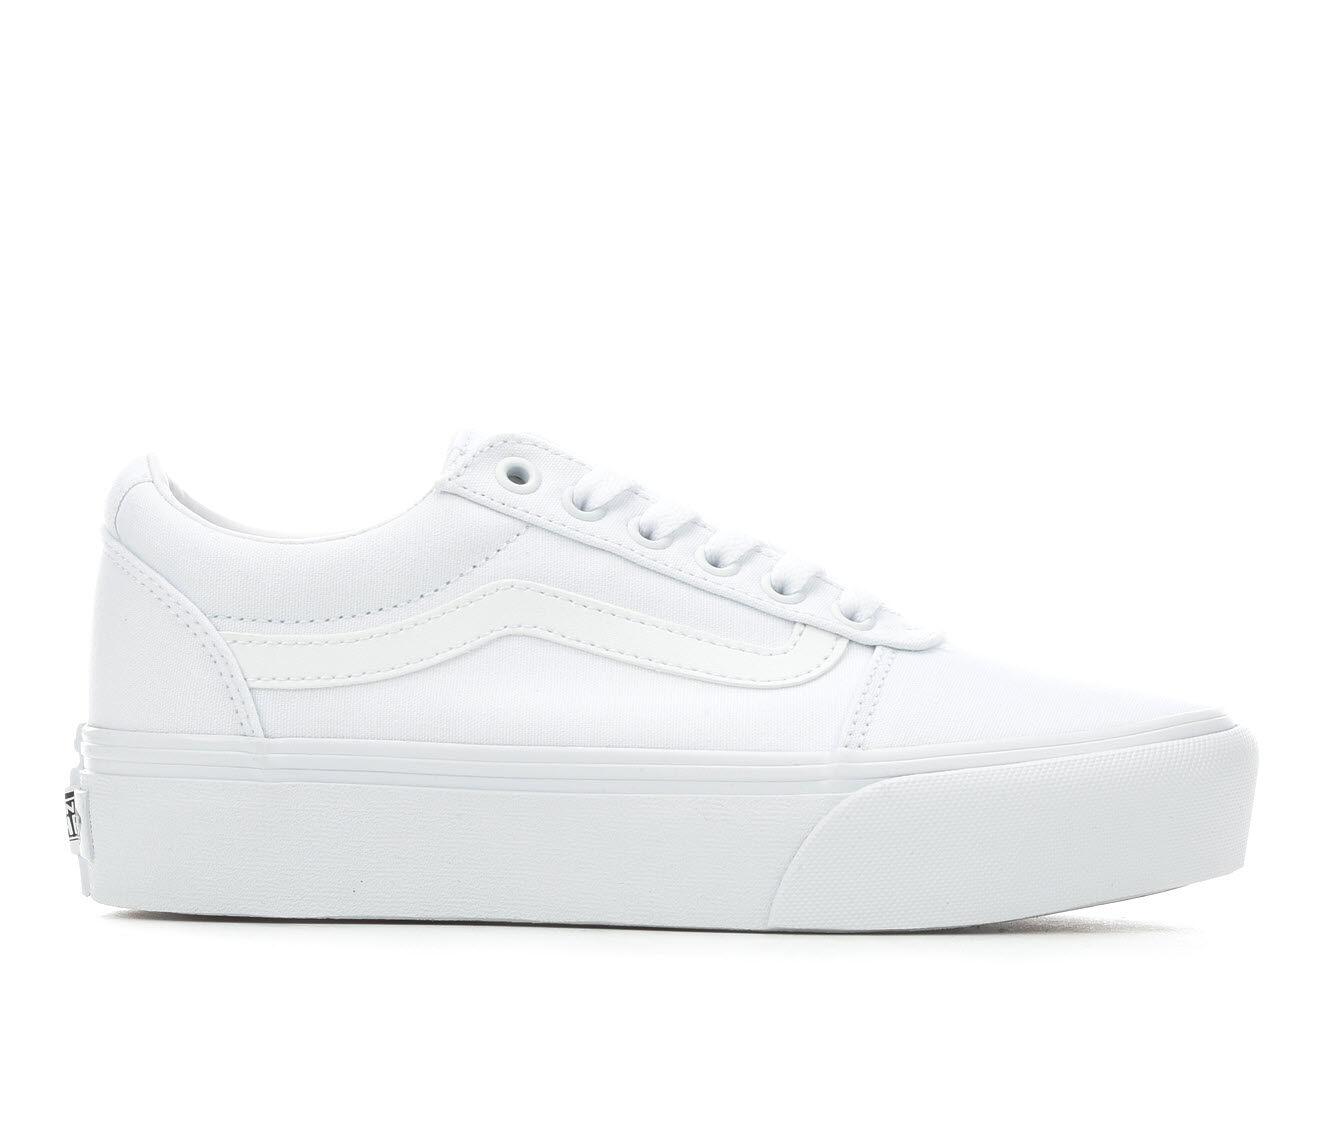 Women's Vans Ward Platform Skate Shoes